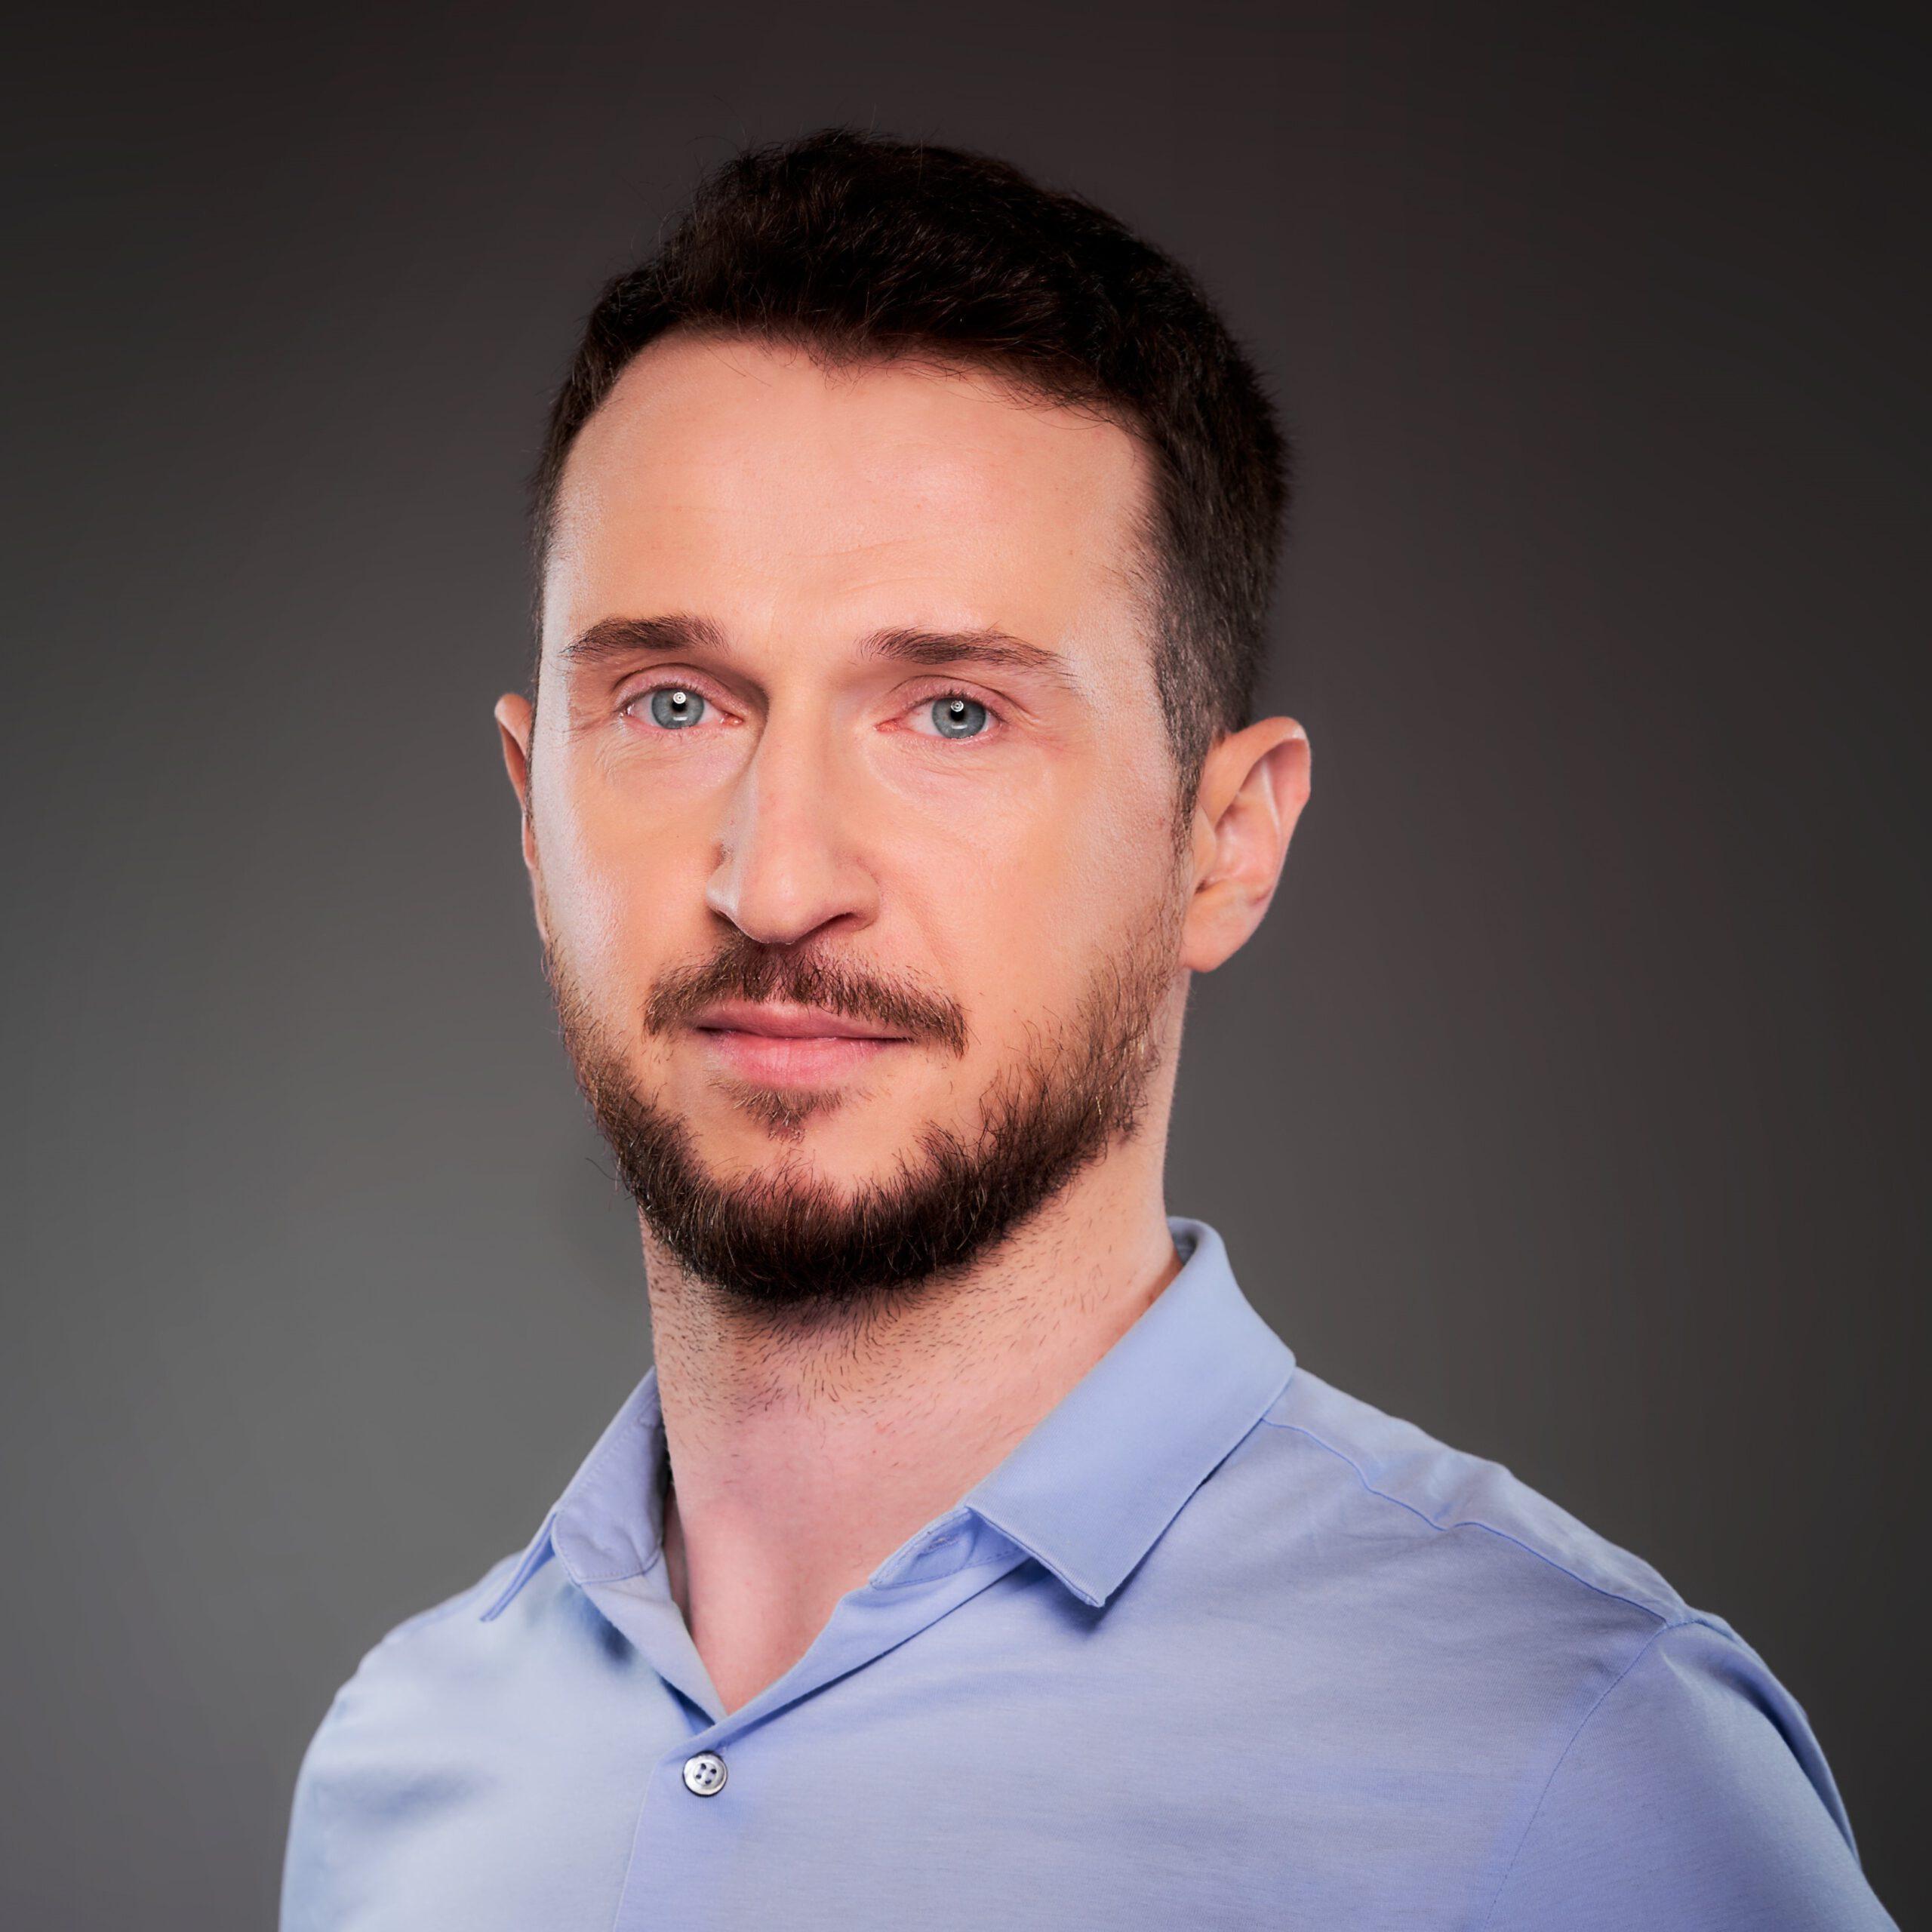 Piotr Łupiński